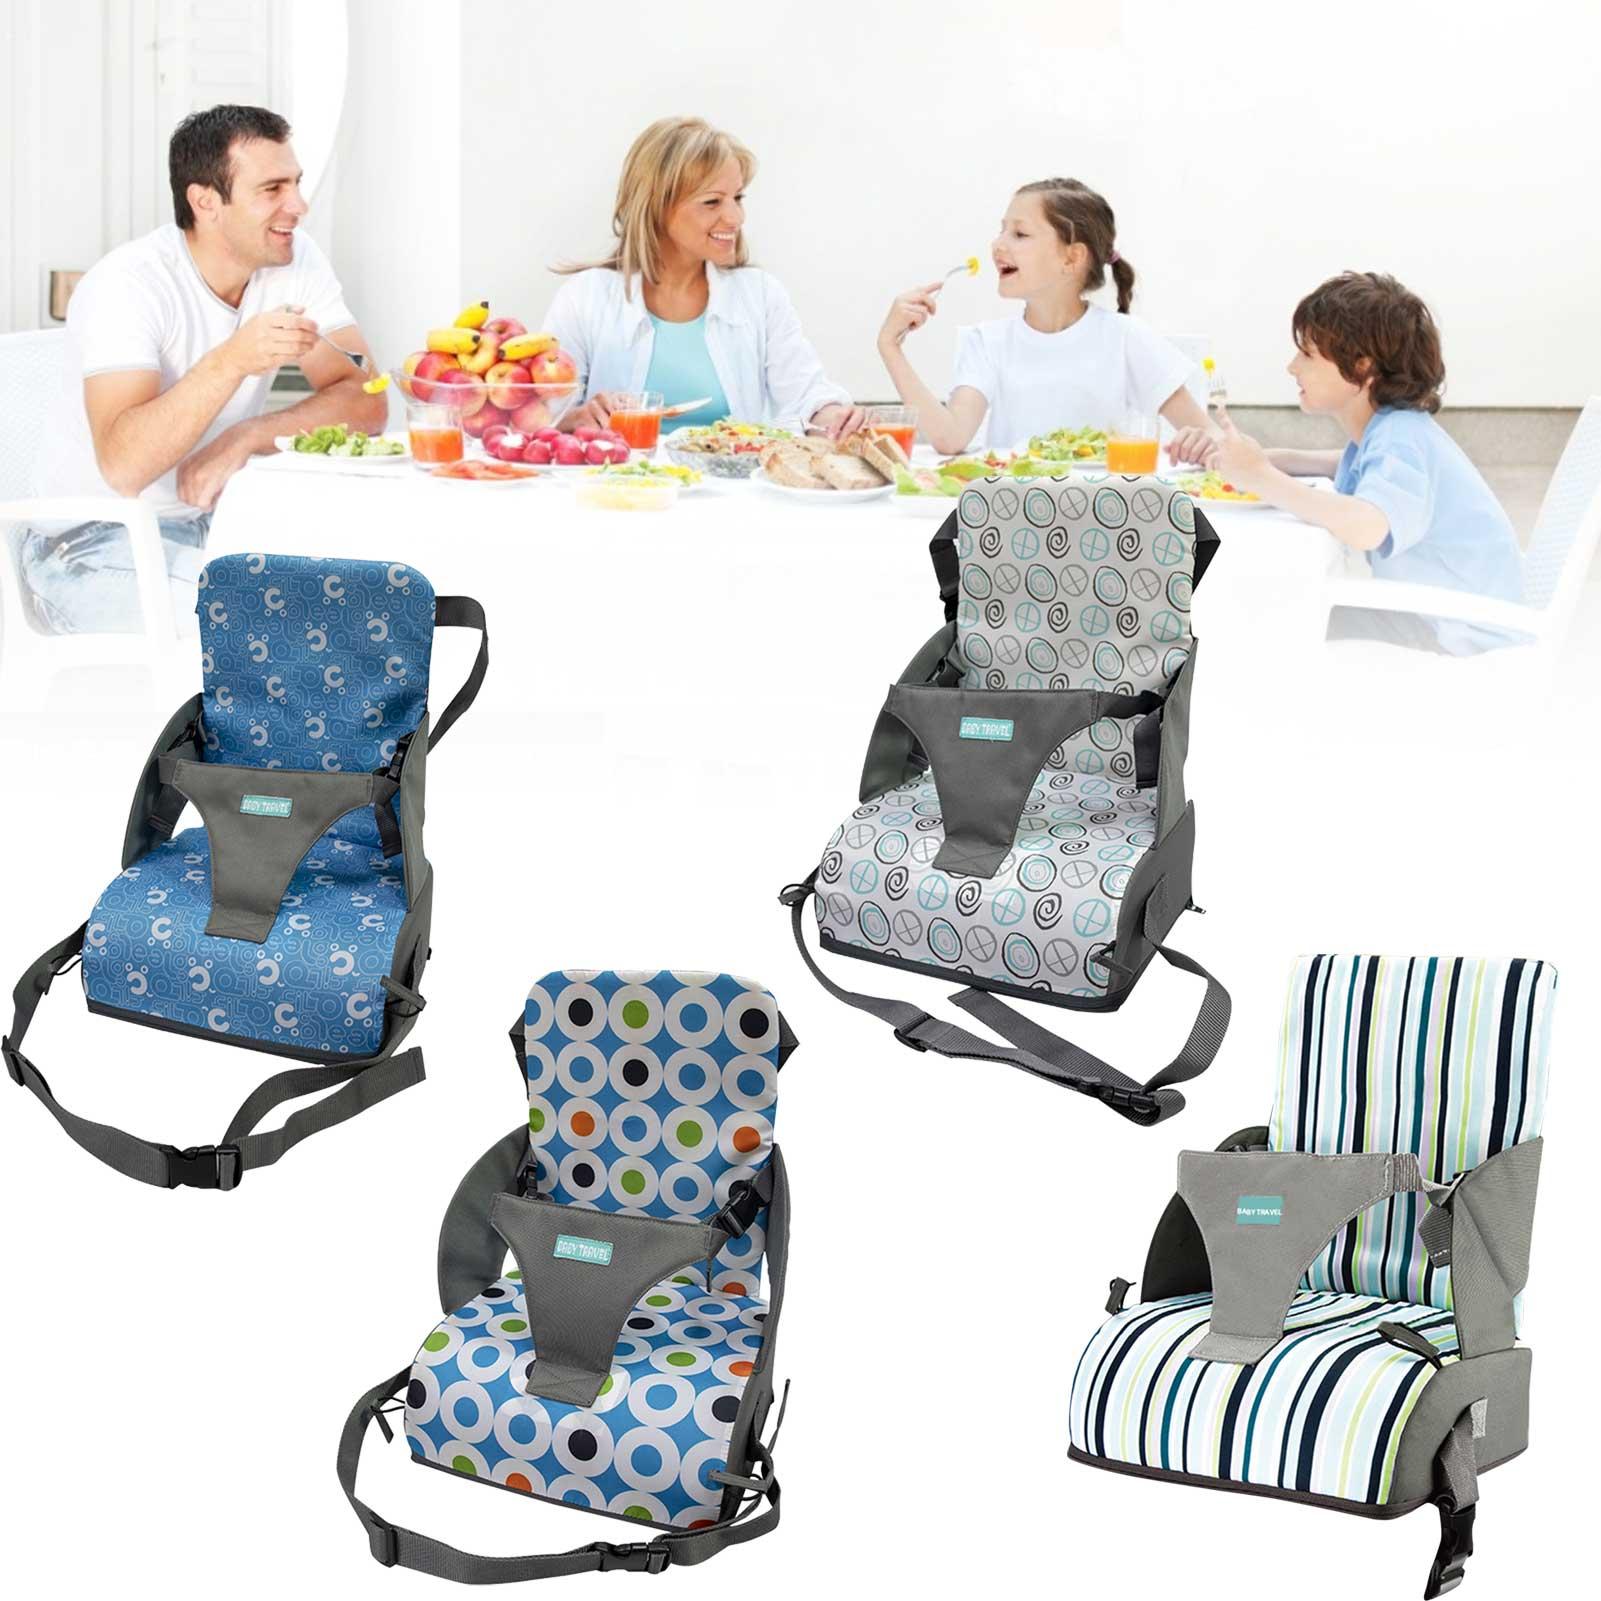 Детское кресло, складной моющийся высокий обеденный чехол для новорожденных, ремень безопасности, аксессуары для кормления и ухода за ребенком, для путешествий 6